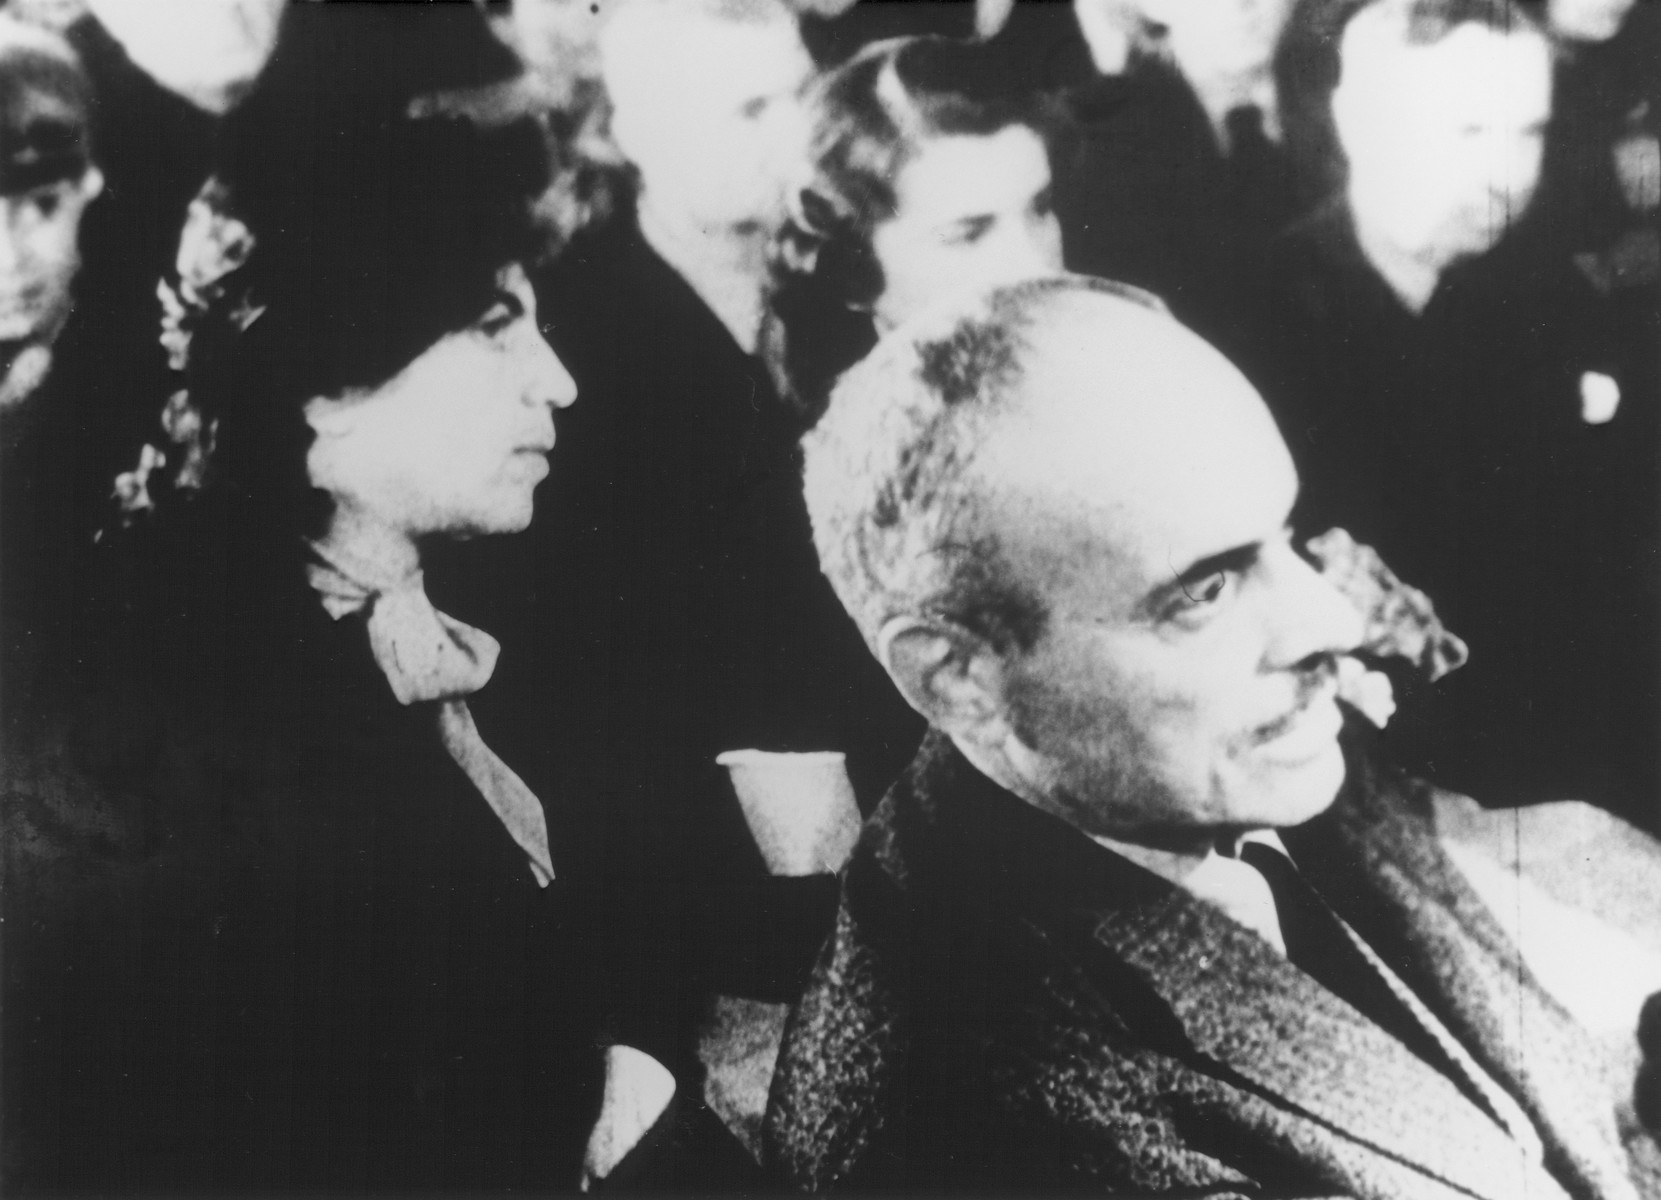 """STILL PHOTOGRAPH FROM THE NAZI PROPAGANDA FILM, """"Der Fuehrer Schenkt den Juden eine Stadt"""" [The Fuehrer gives the Jews a City].  Jewish prisoners sitting in an audience in the Theresienstadt ghetto."""